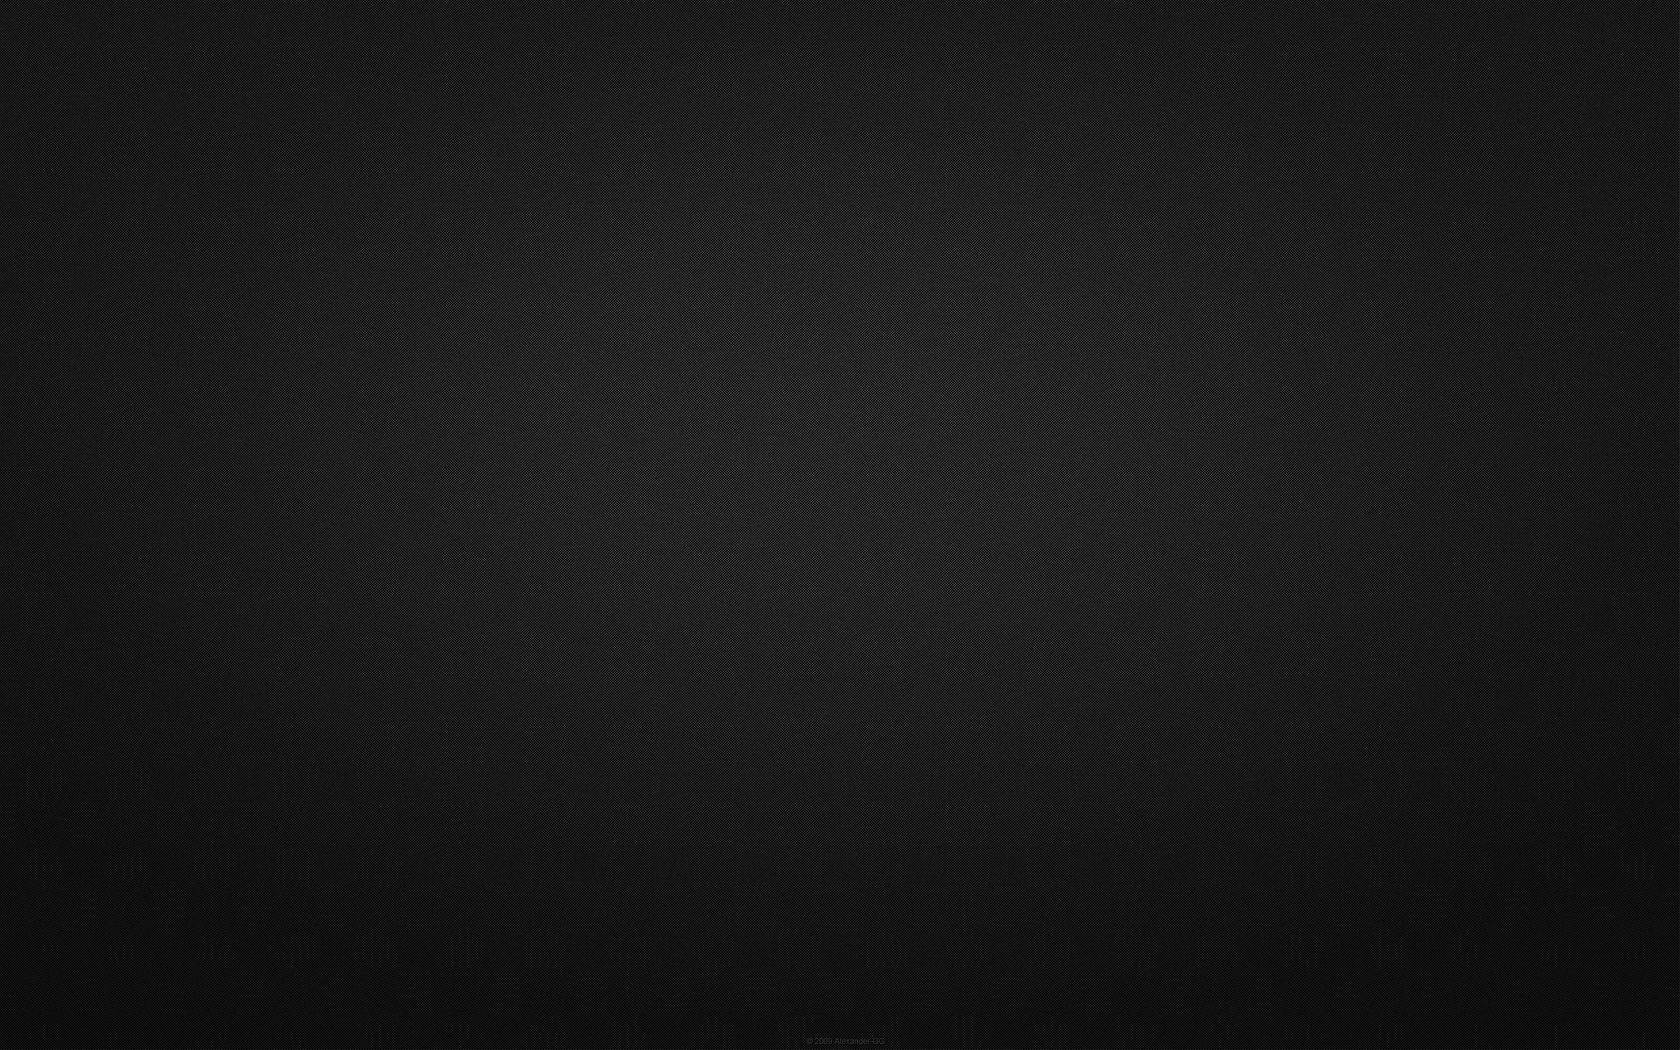 1680x1050 Wallpaper minimalism, texture, black